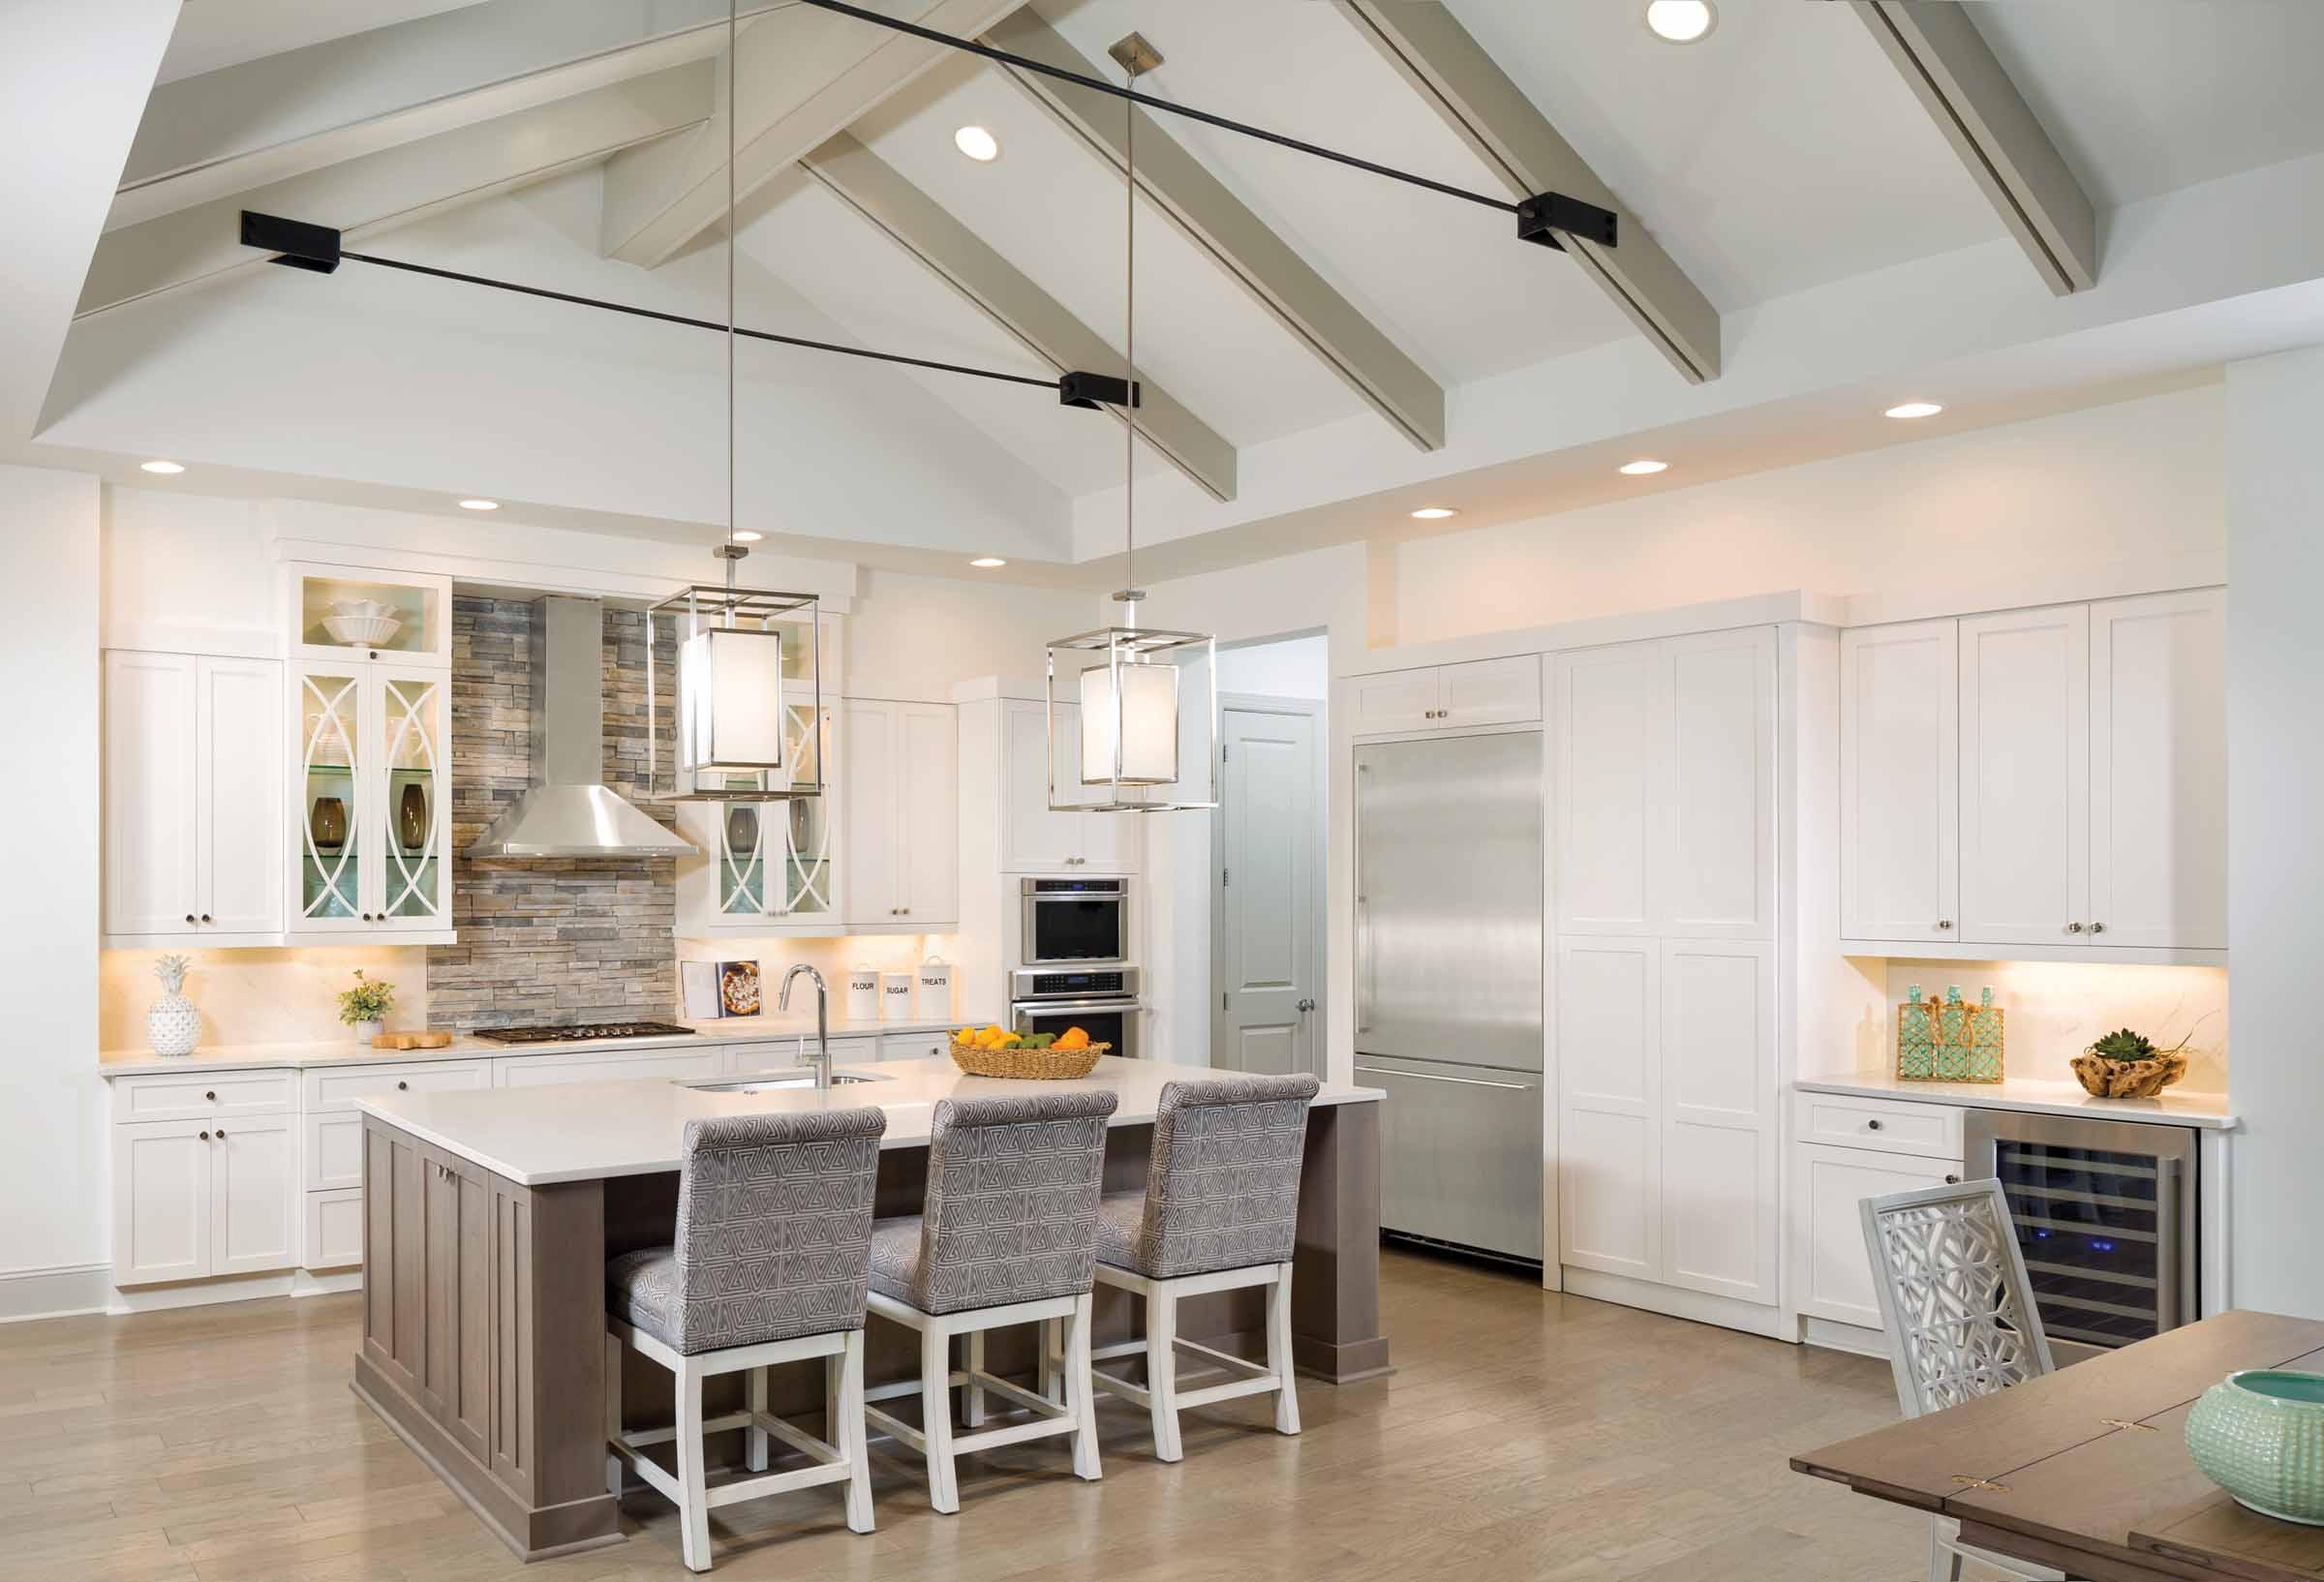 Monceau Open Concept Kitchen